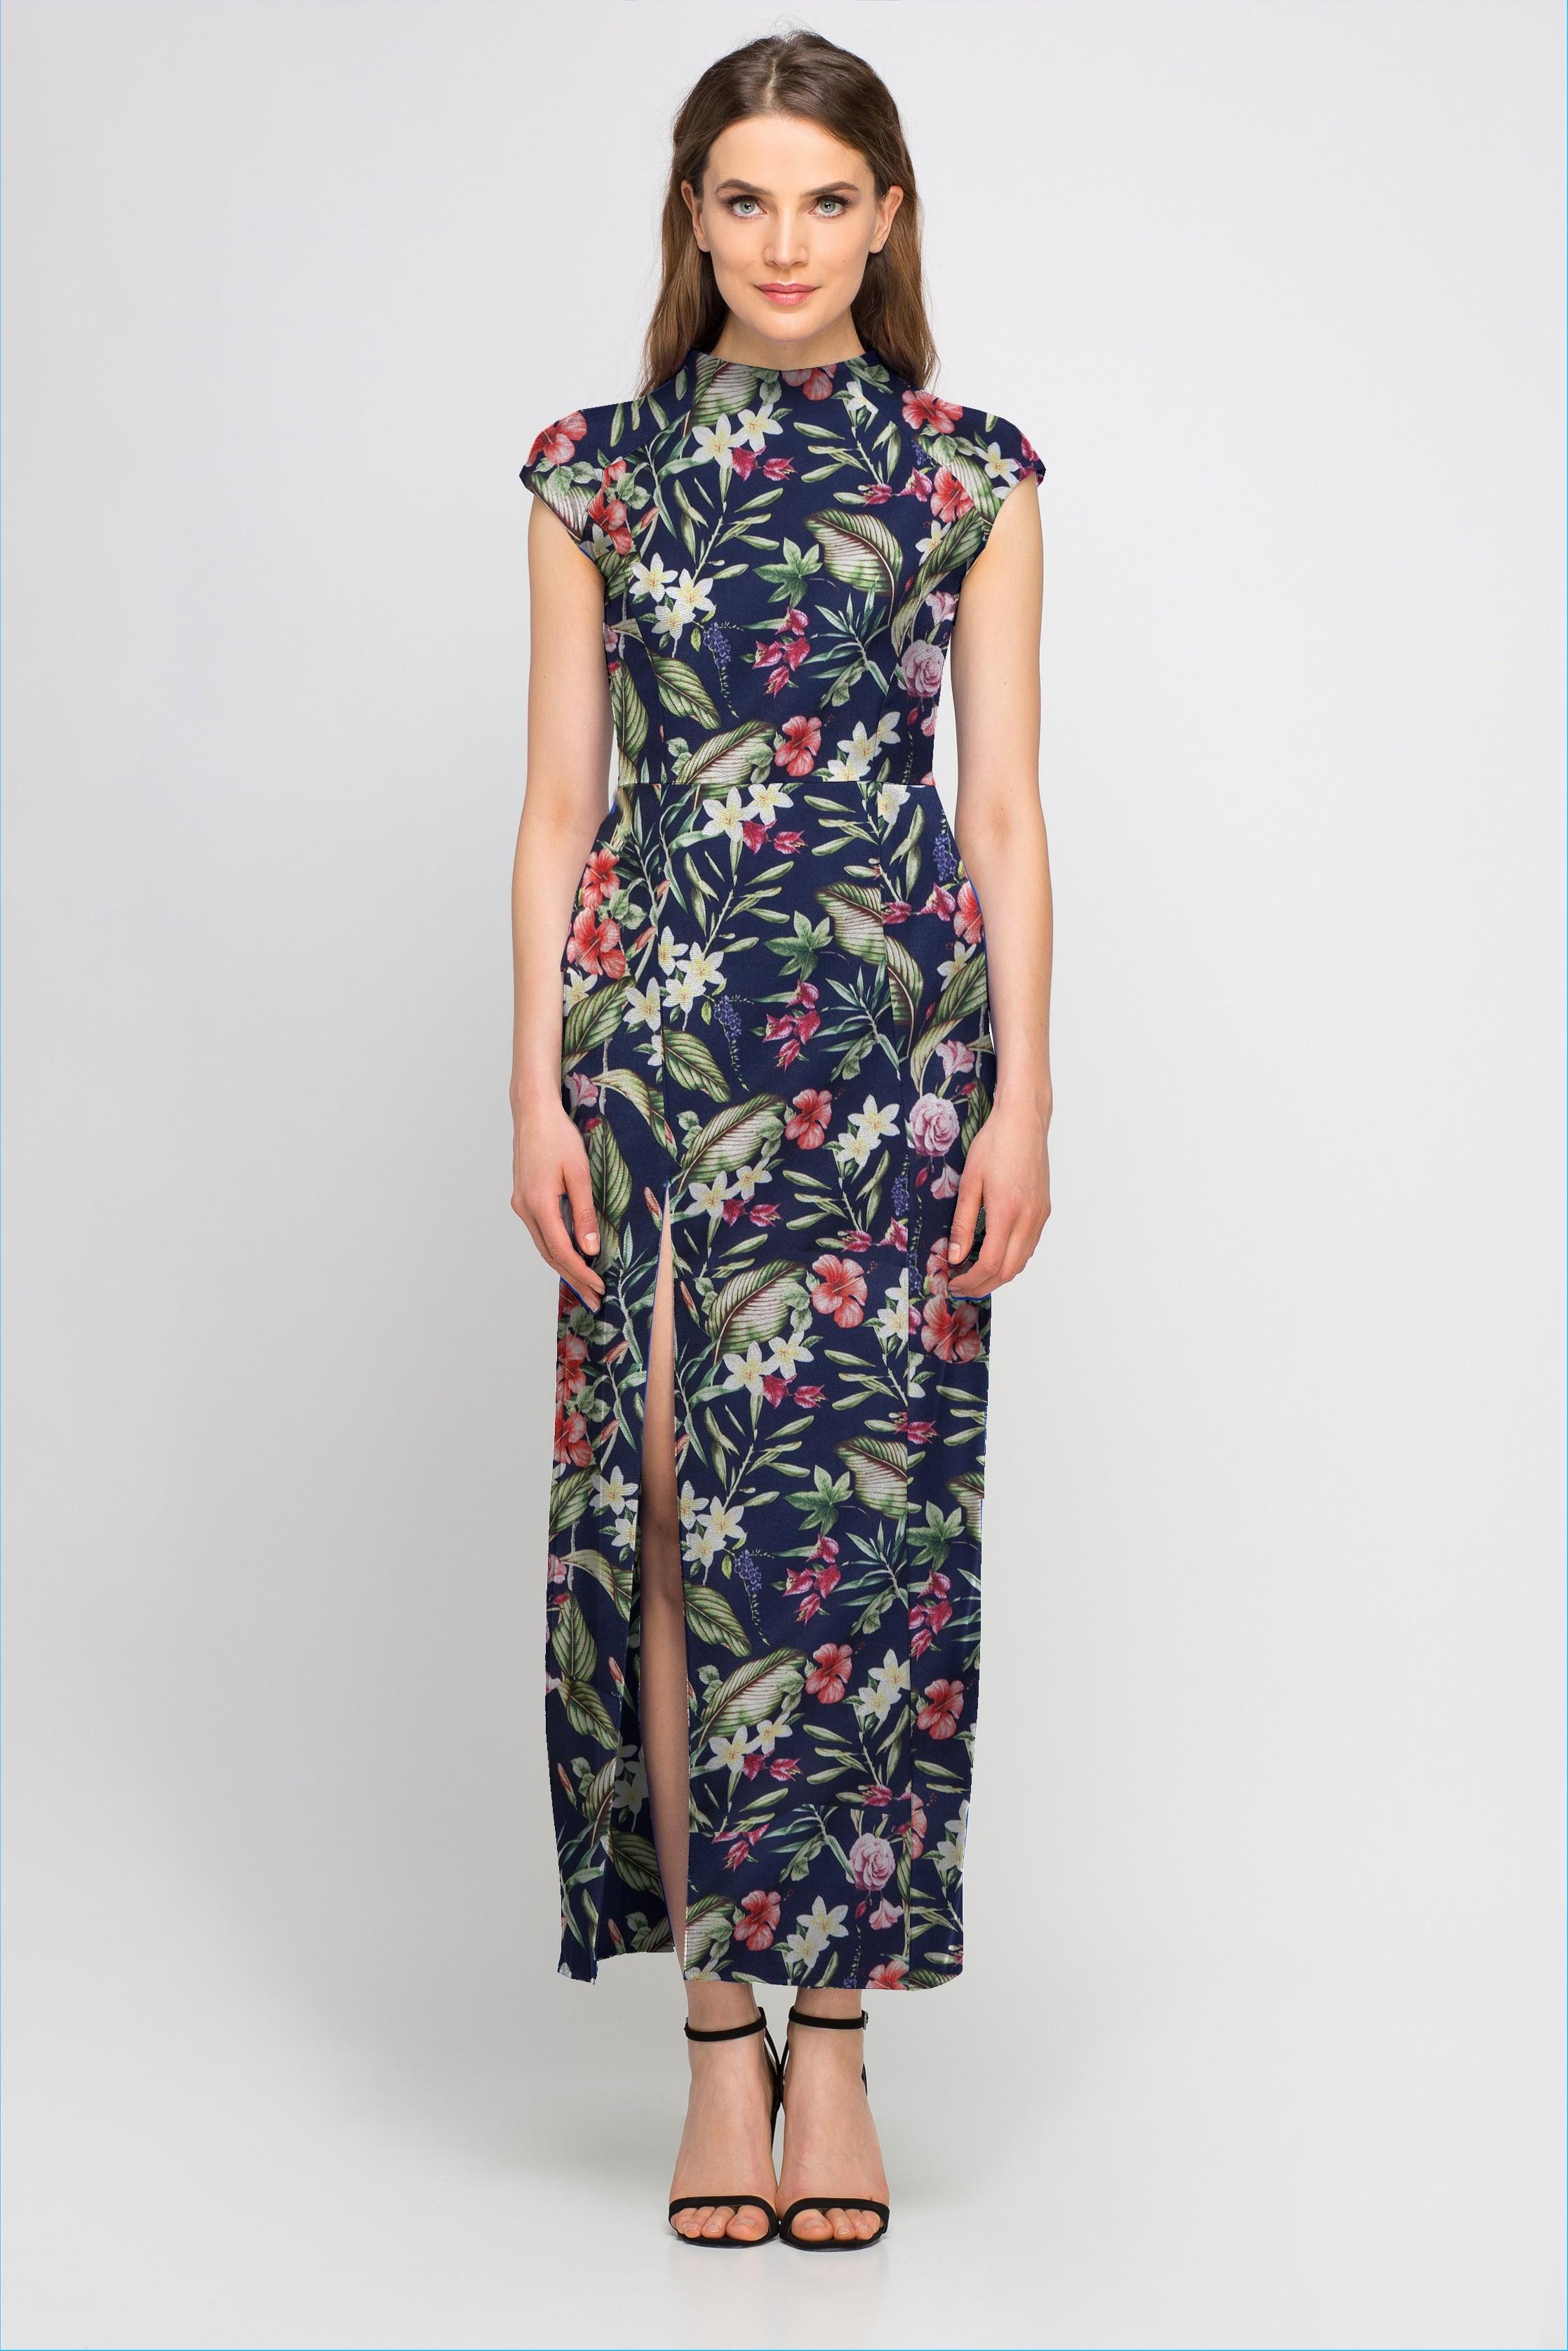 0aefe74a96 Letnia sukienka w kwiaty na wesele -sprawdź inne wzory na e ...